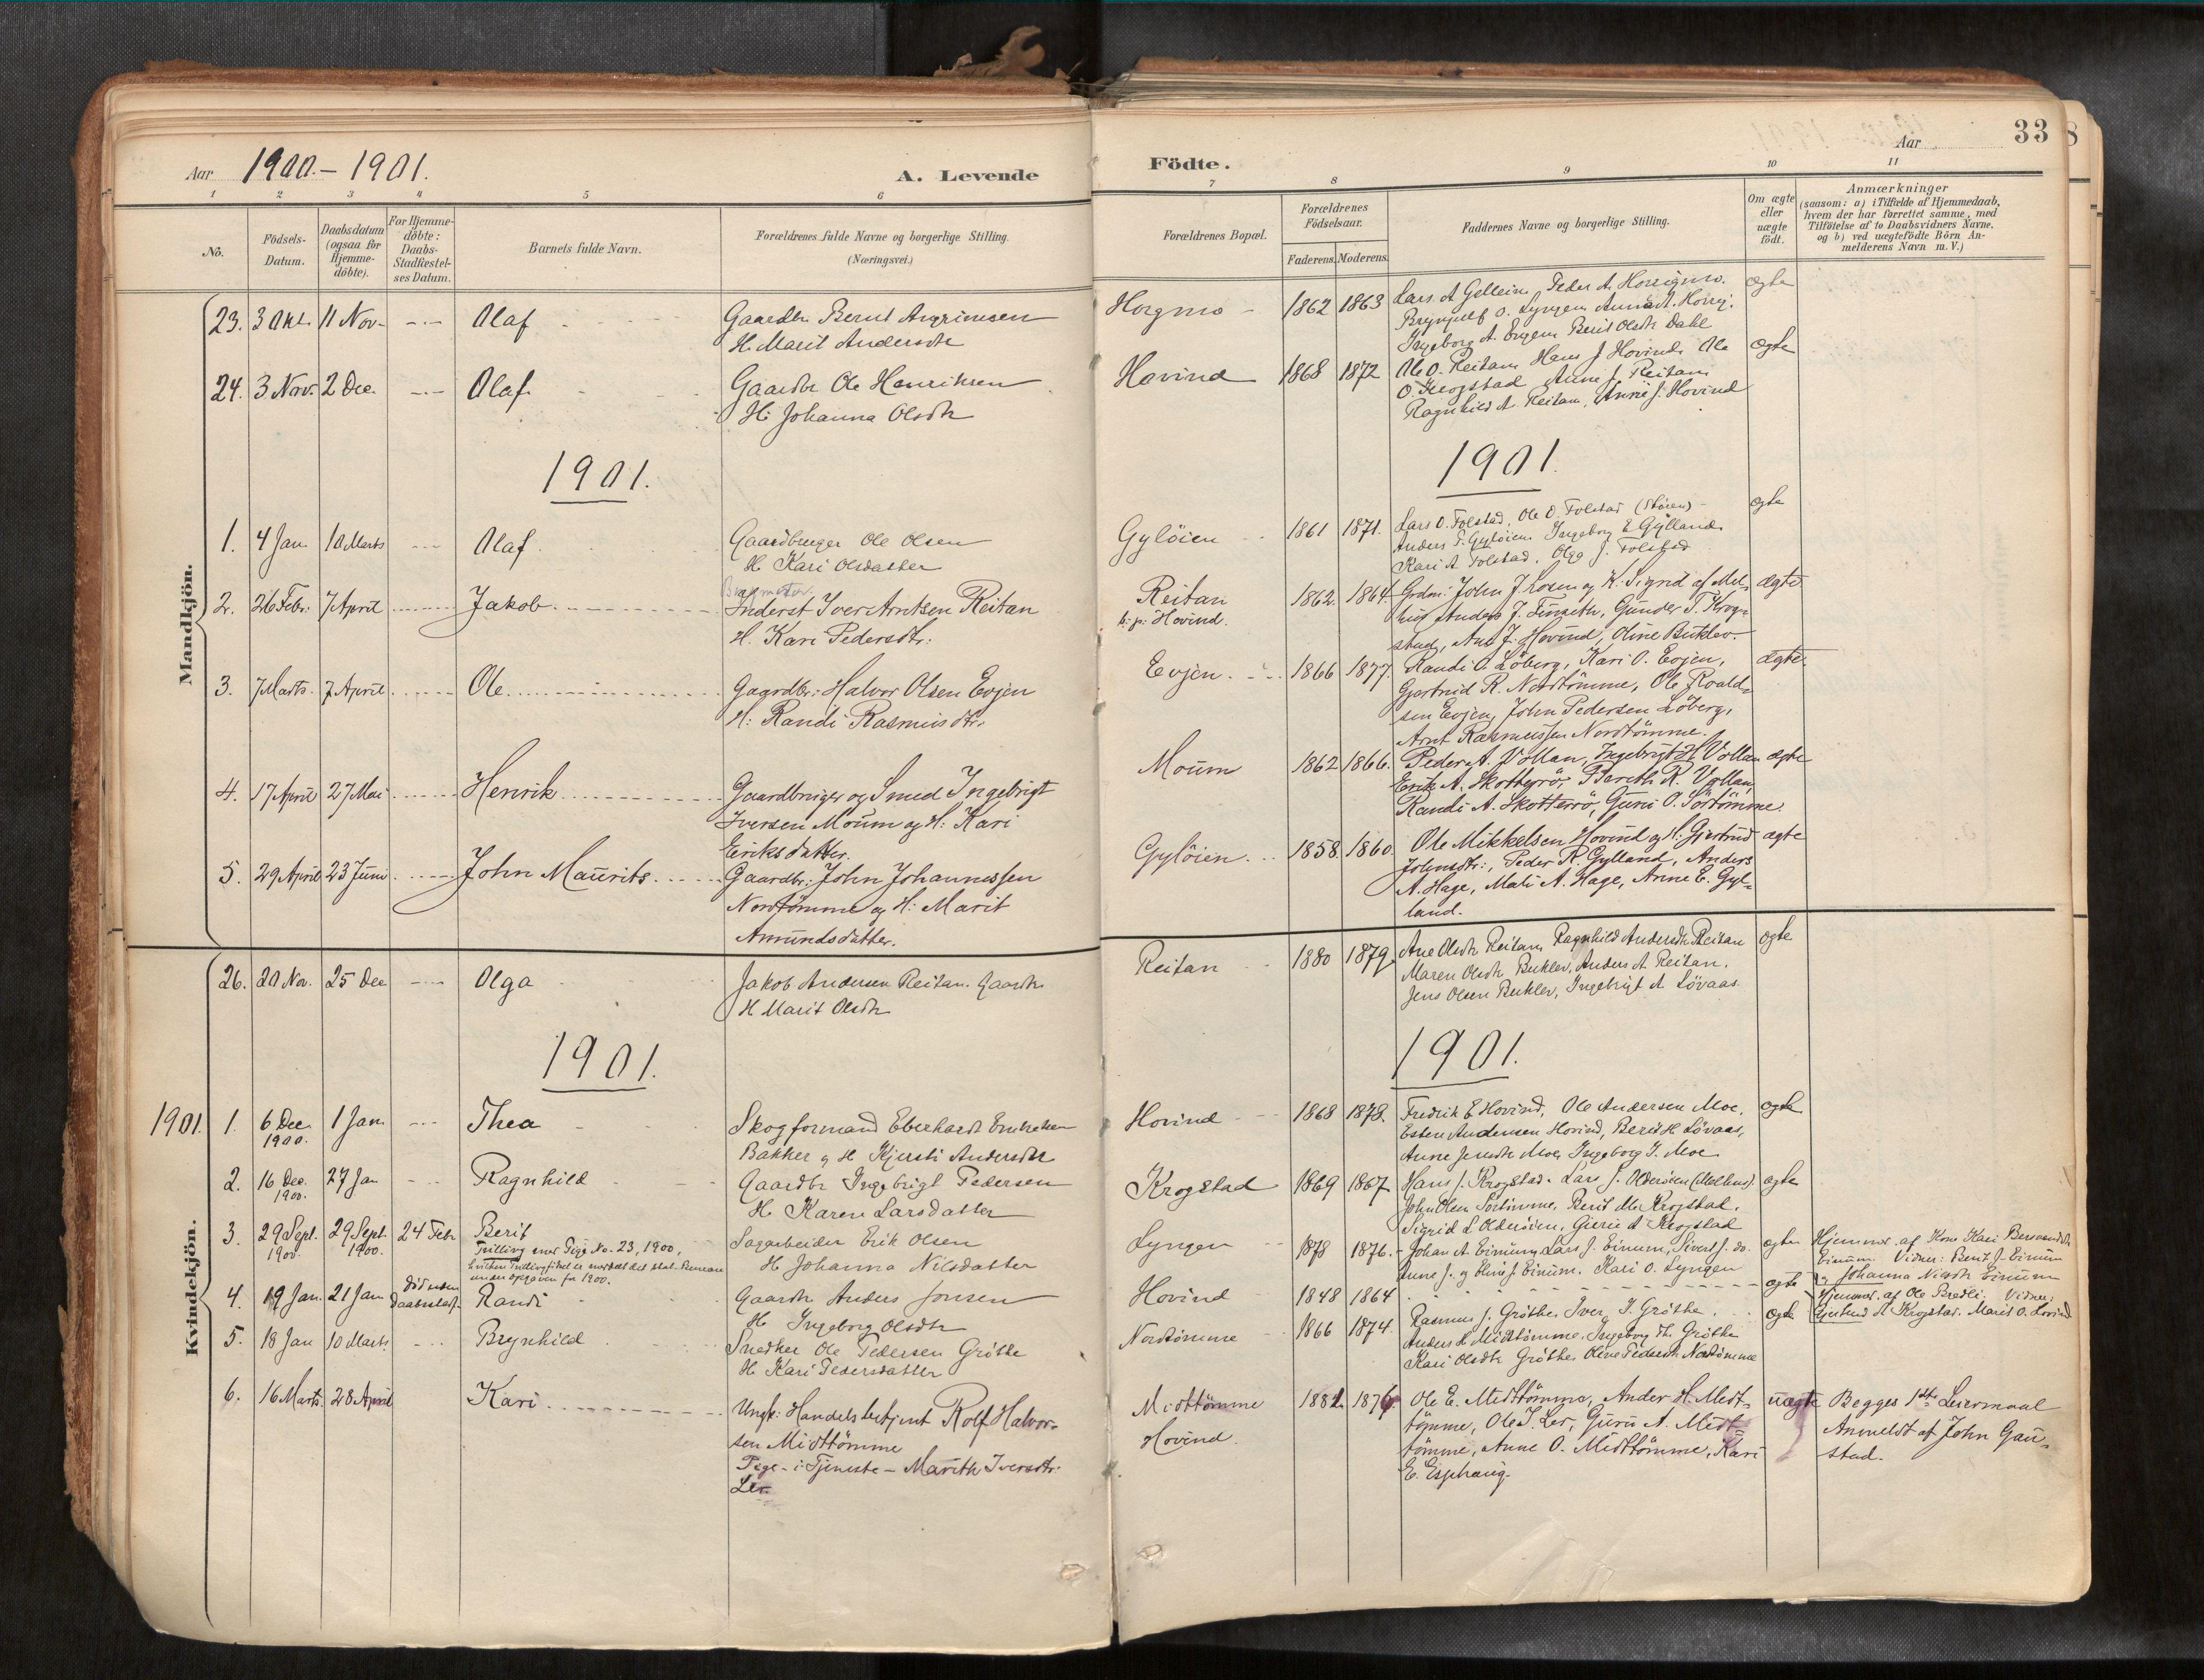 SAT, Ministerialprotokoller, klokkerbøker og fødselsregistre - Sør-Trøndelag, 692/L1105b: Ministerialbok nr. 692A06, 1891-1934, s. 33